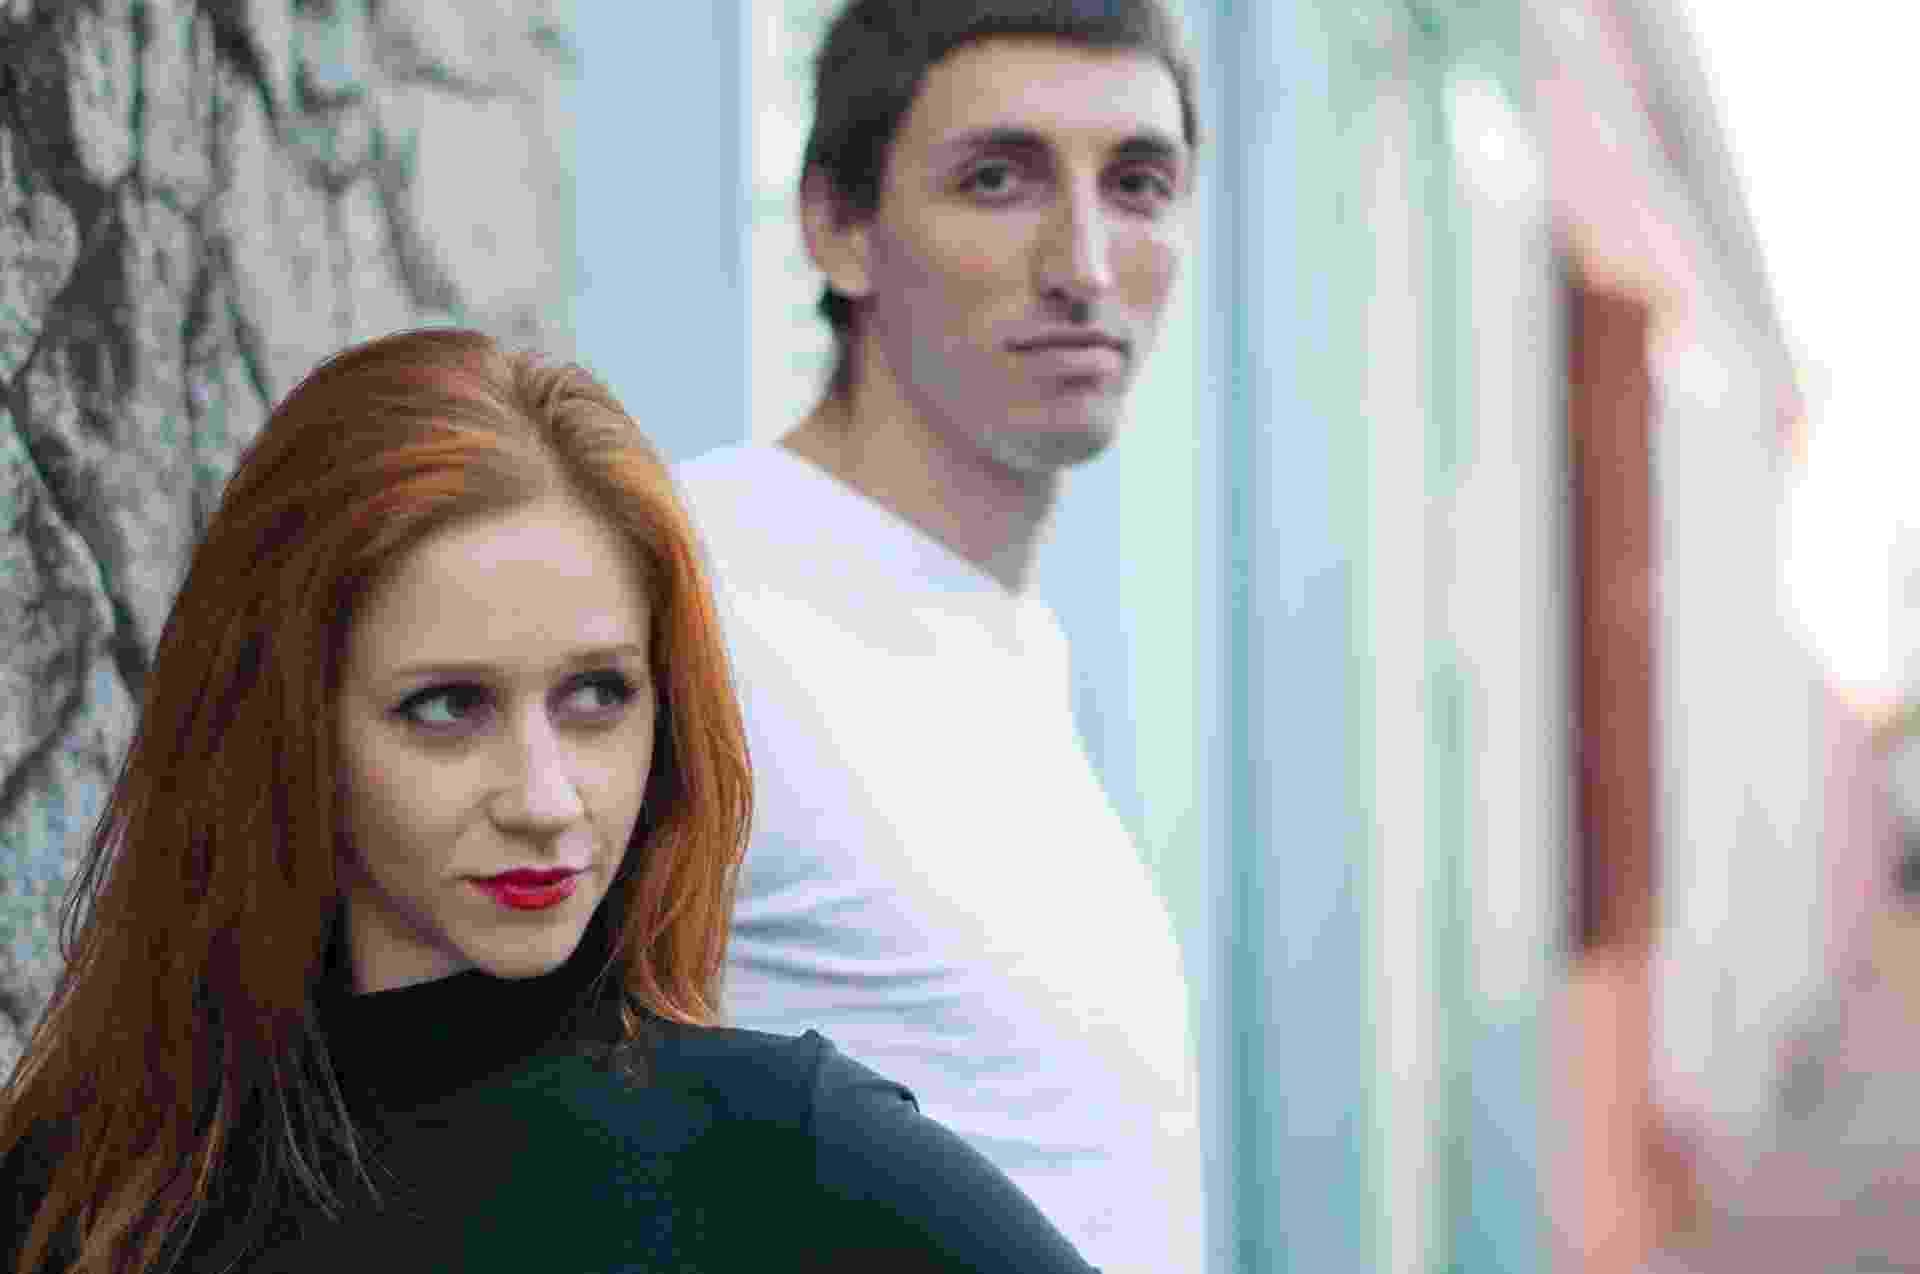 (6.junho.2013) Ricardo Bardo, 30, e Vanessa Fada, 29, dupla que forma a banda Bardoefada em Porto Alegre, Rio Grande do Sul - Nede Losina/UOL